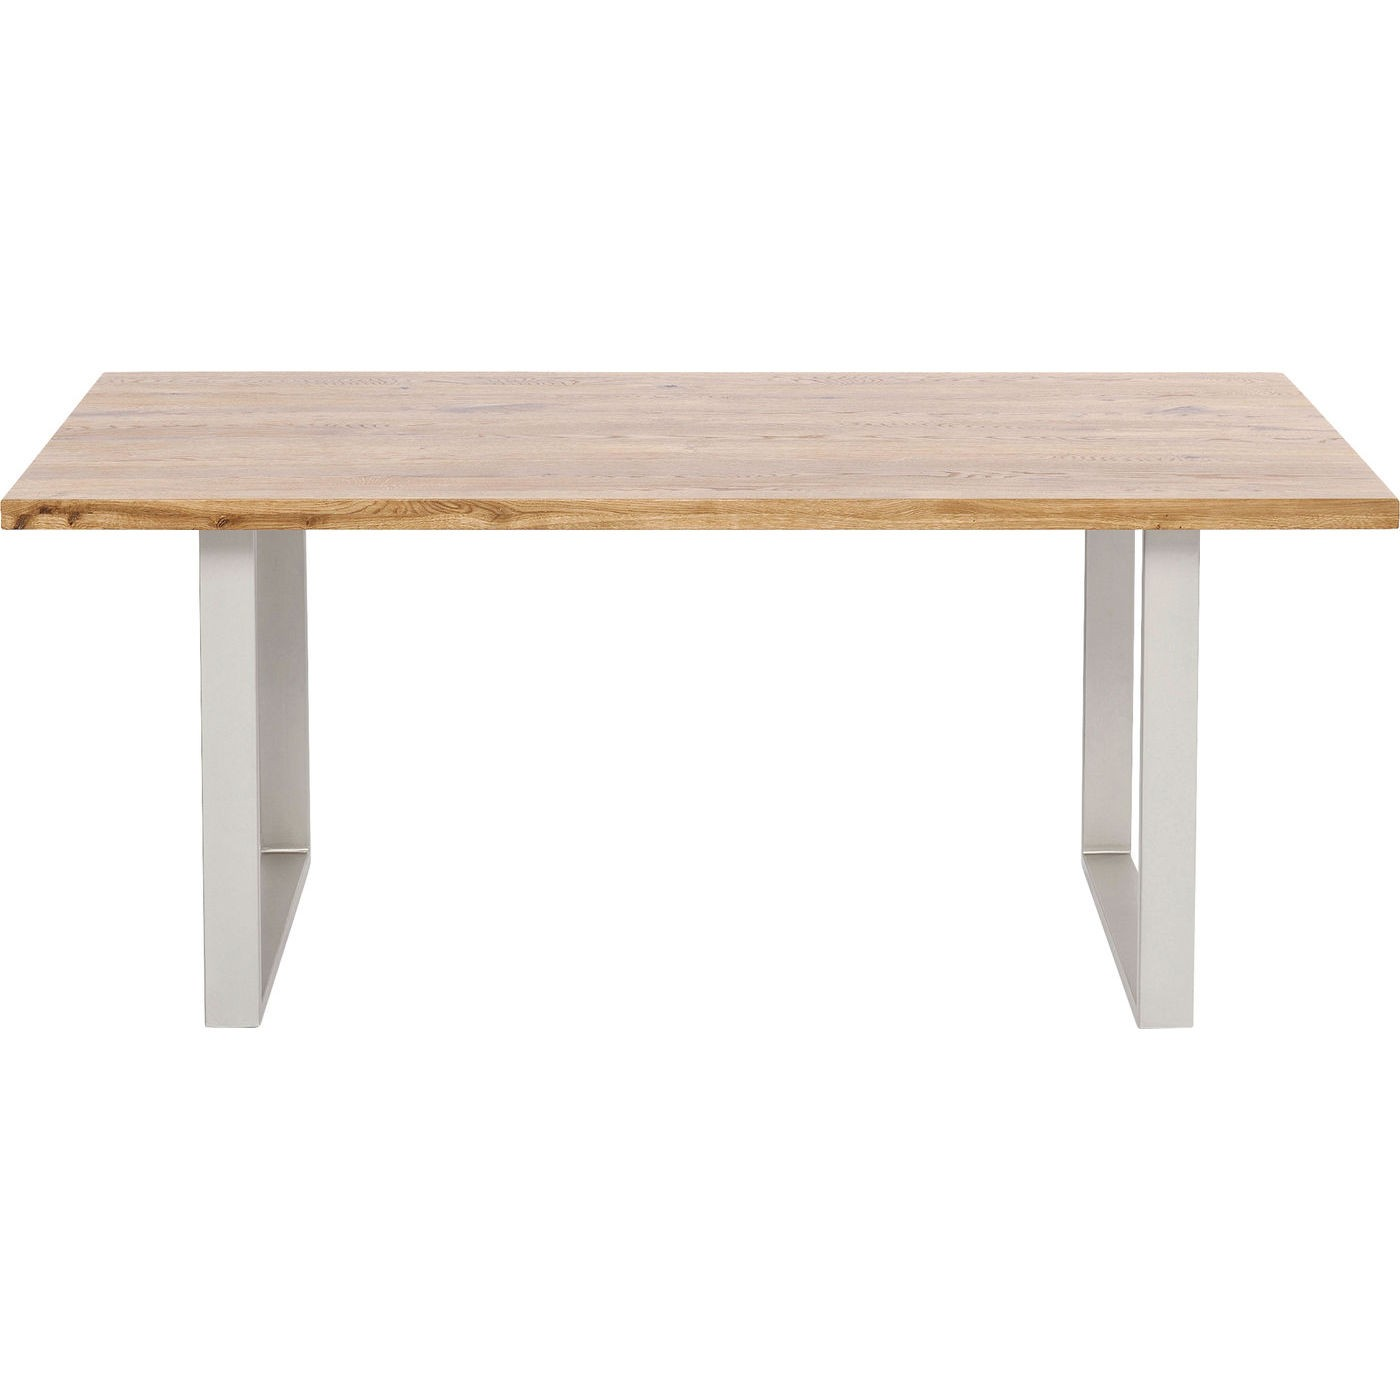 Table à manger 6 personnes en chêne et acier argenté L160